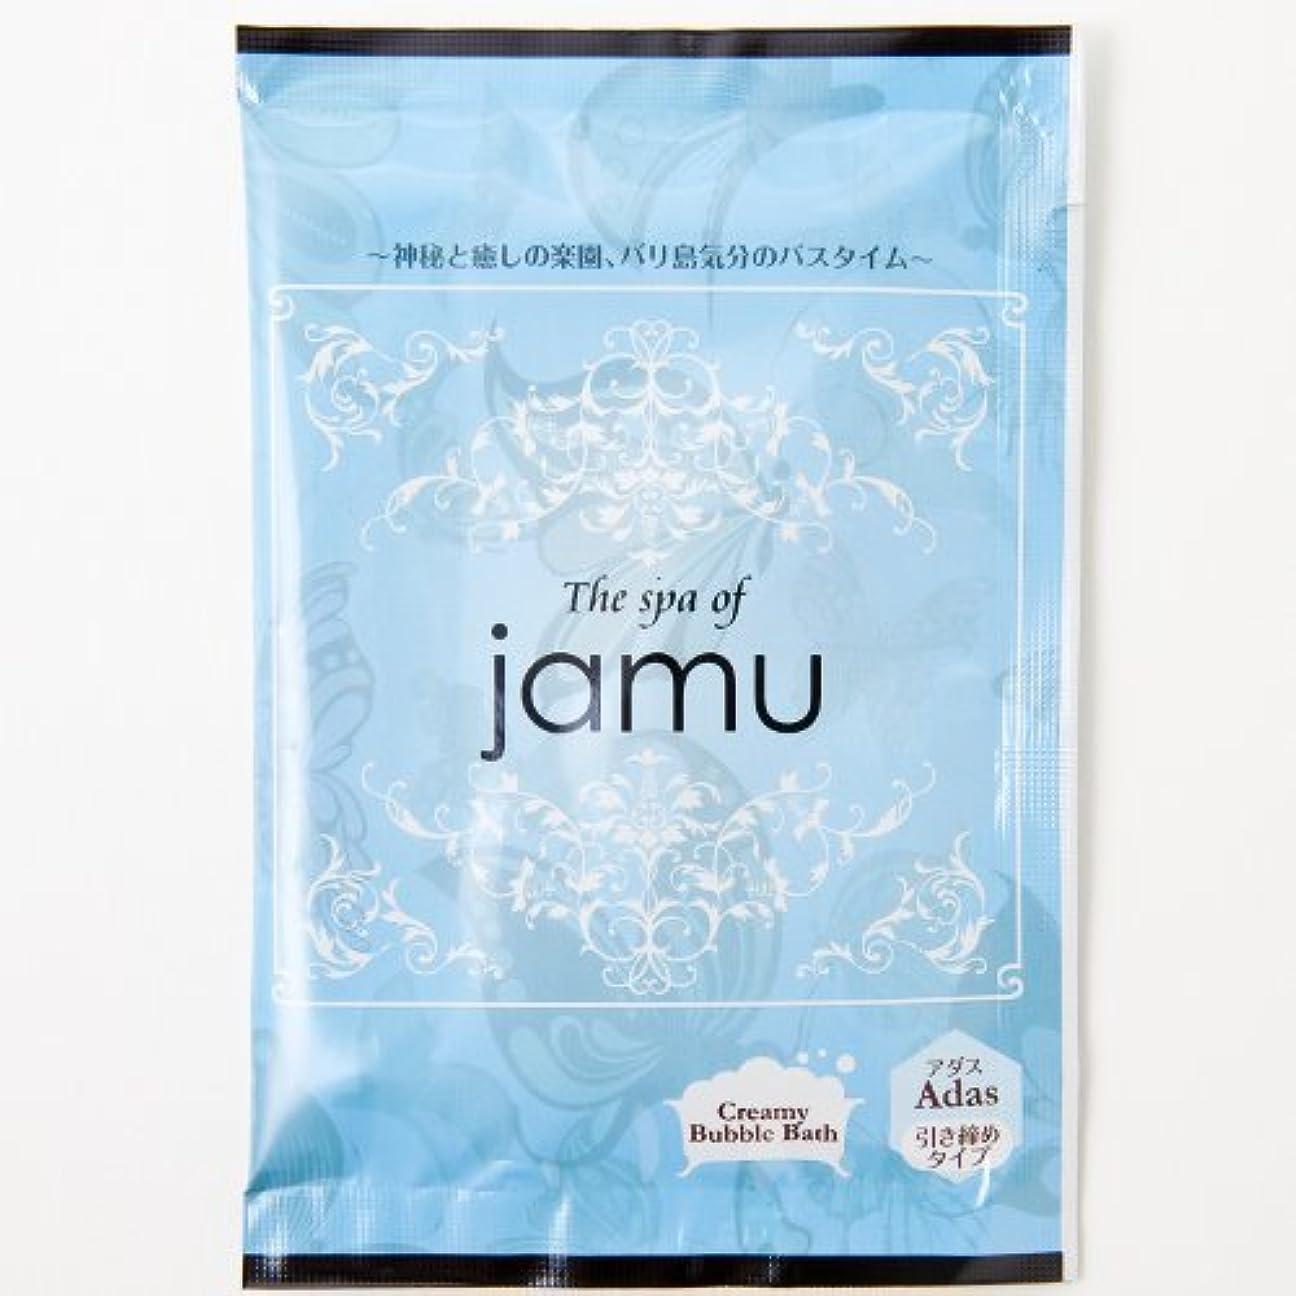 ゆり継続中散らすJAMU アダス 入浴剤 1回分 粉末 スパイシーグリーン の 香り